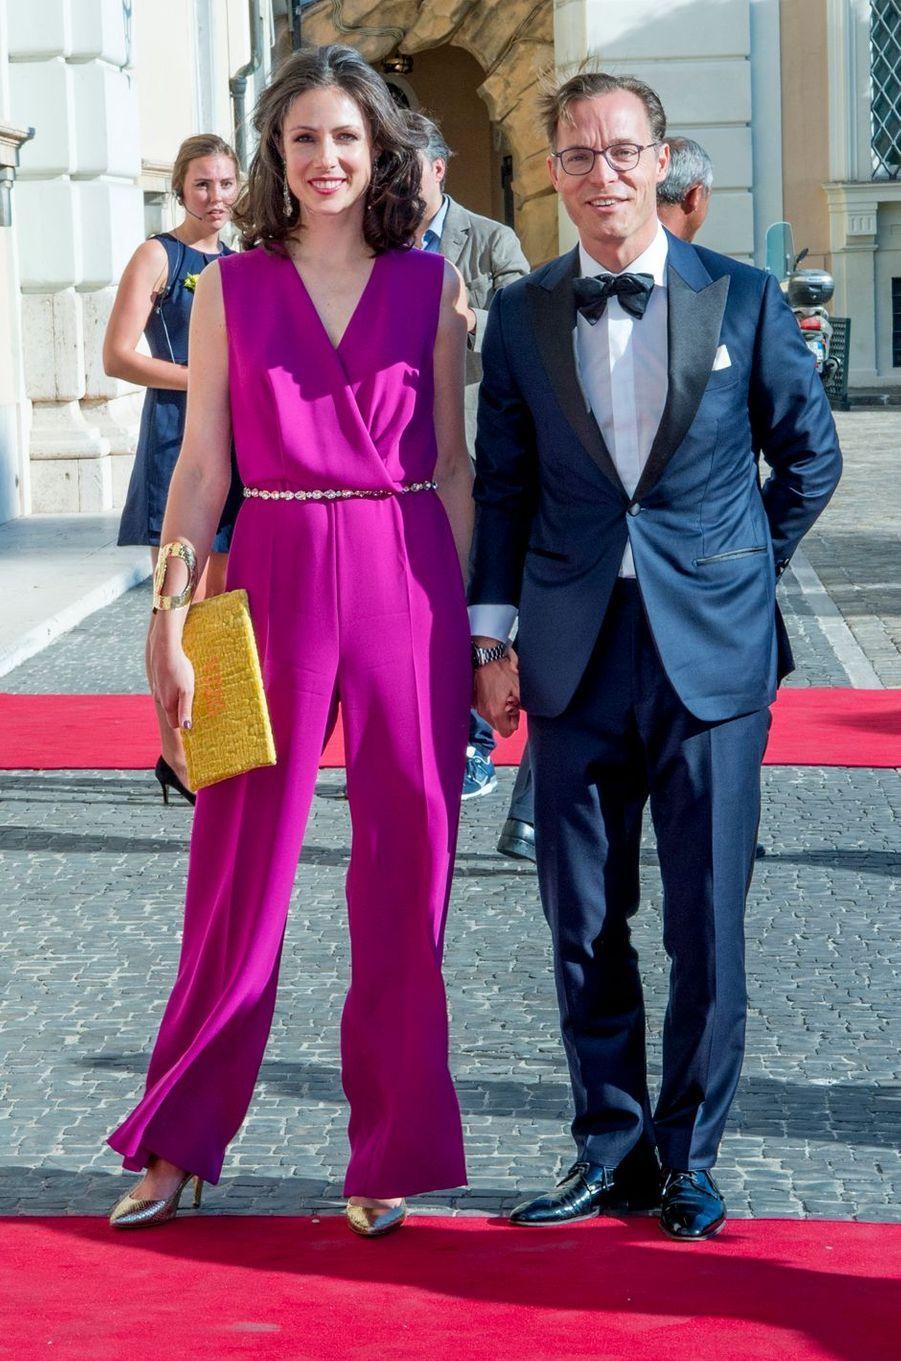 La princesse Viktoria et le prince Jaime de Bourbon de Parme à Rome, le 21 juin 2017